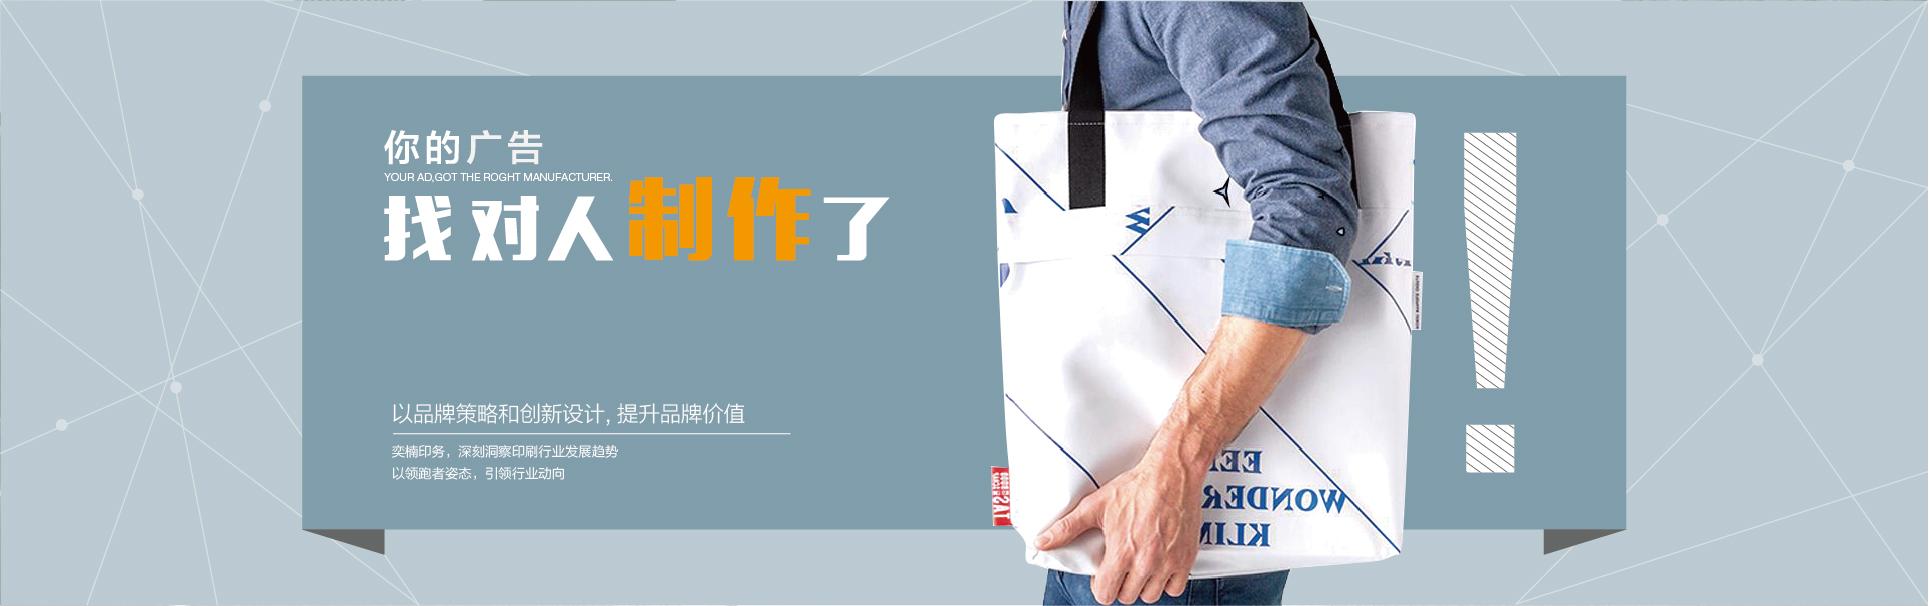 上海奕楠印务科技有限公司